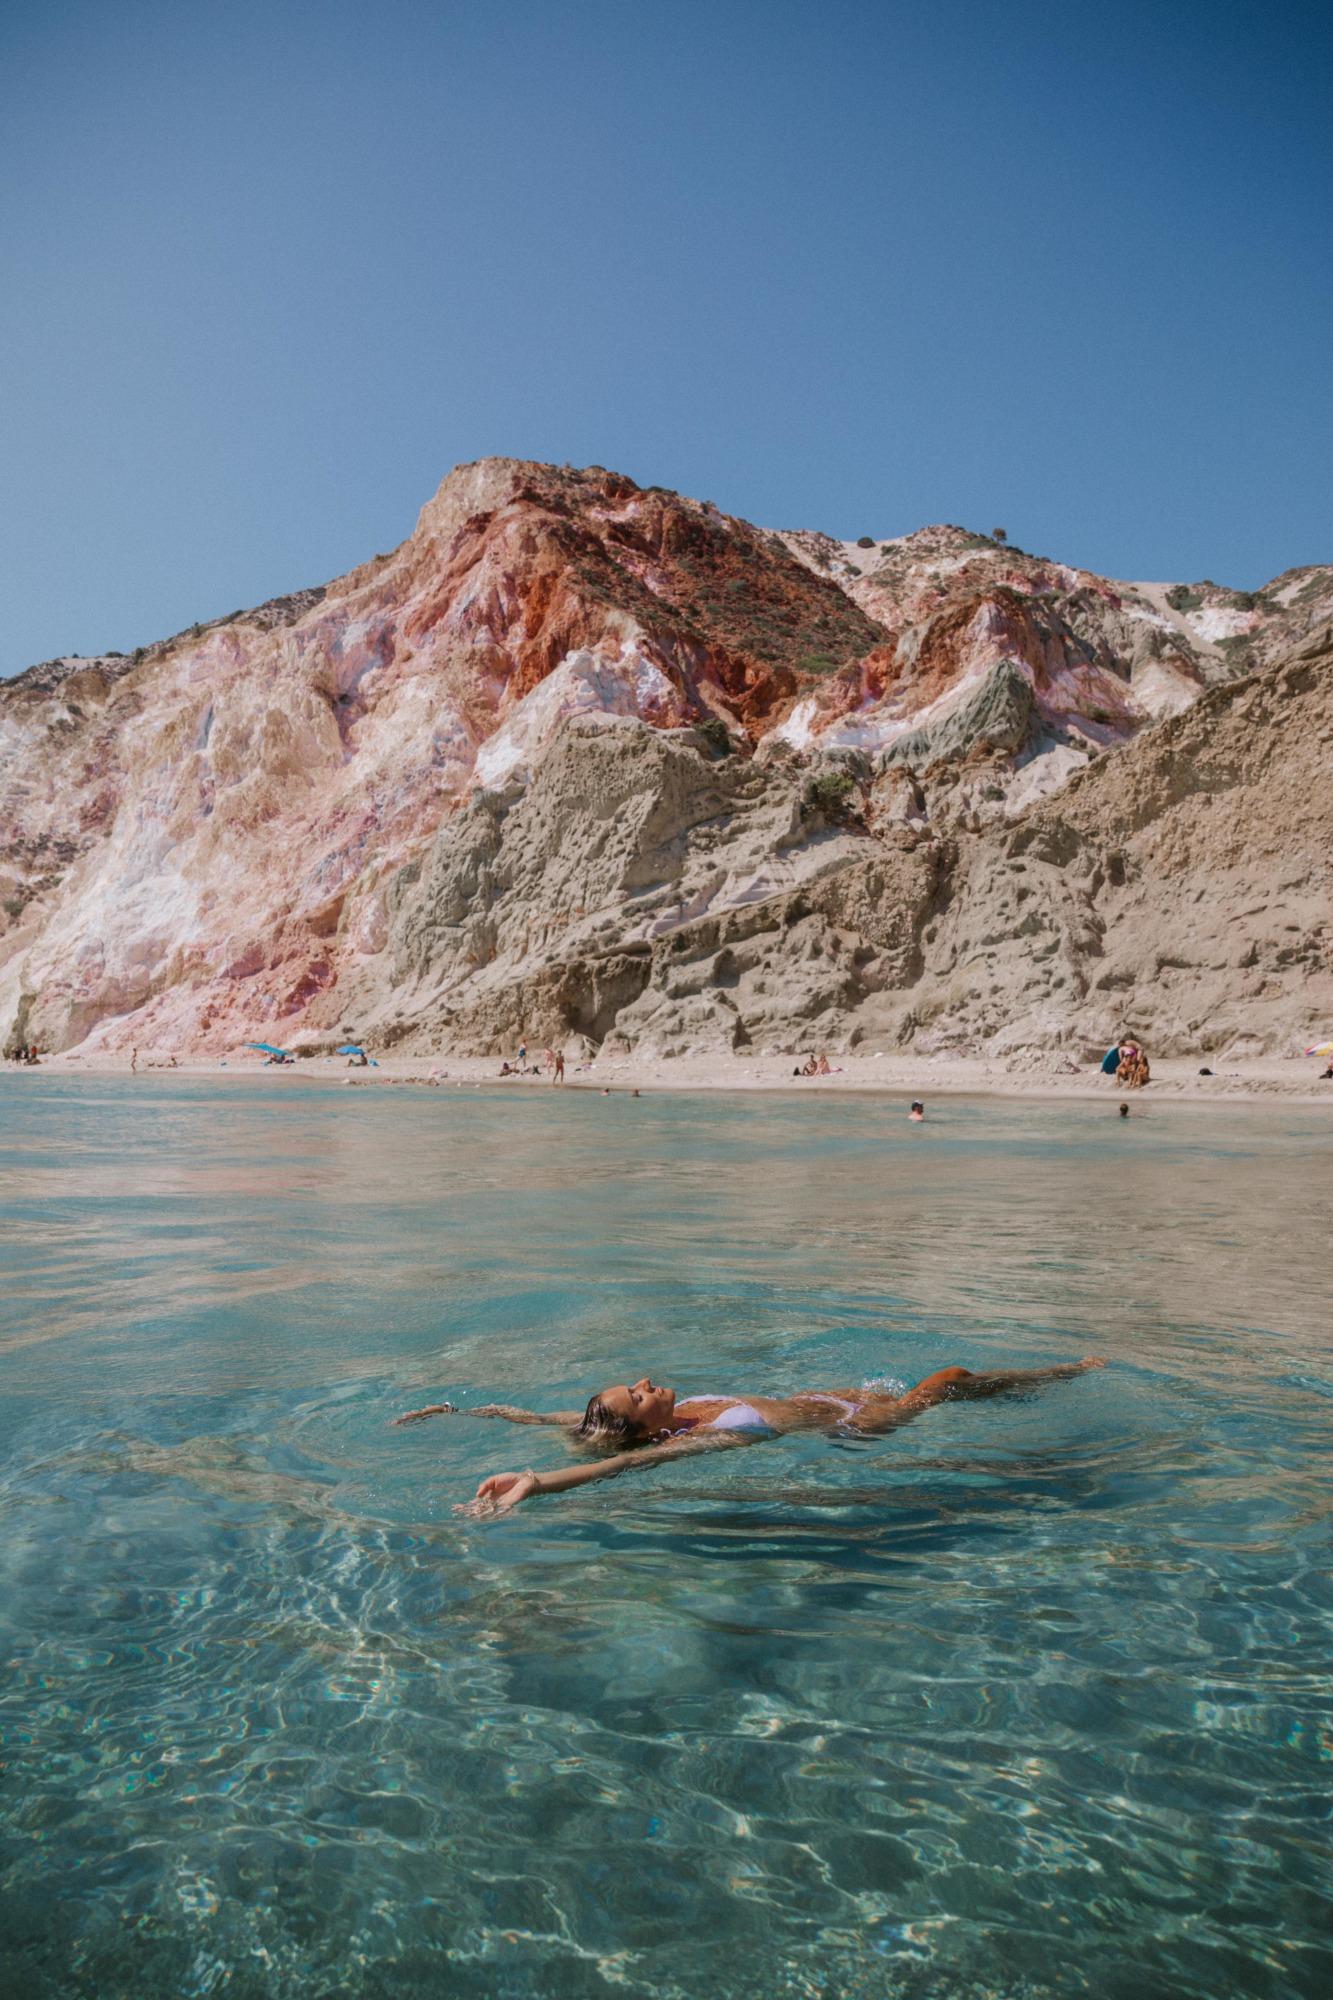 Les plus belles plages de Milos - Blondie Baby blog voyage